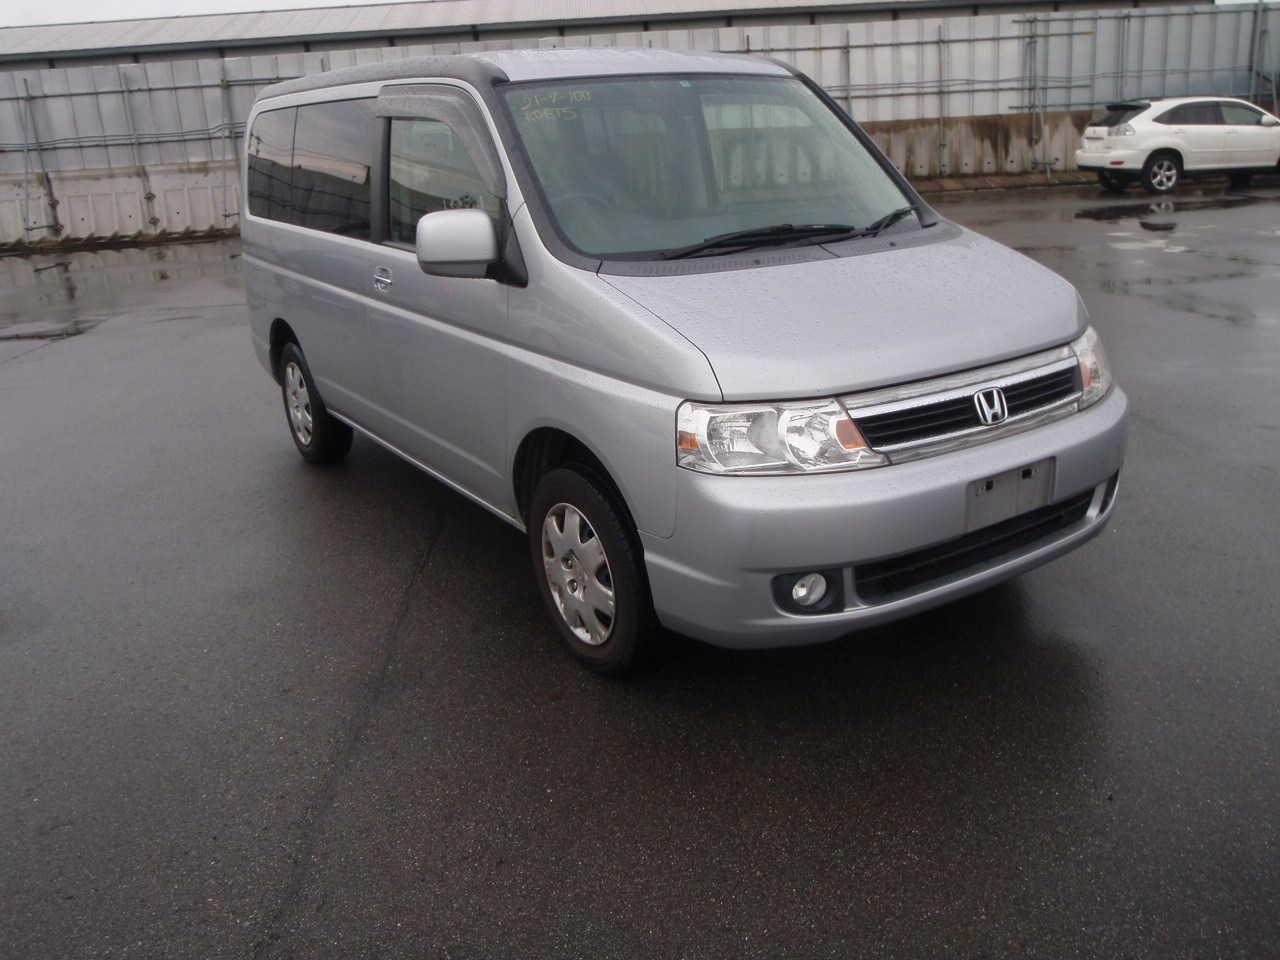 2004 Honda Stepwgn Photos, 2.0, Gasoline, Automatic For Sale